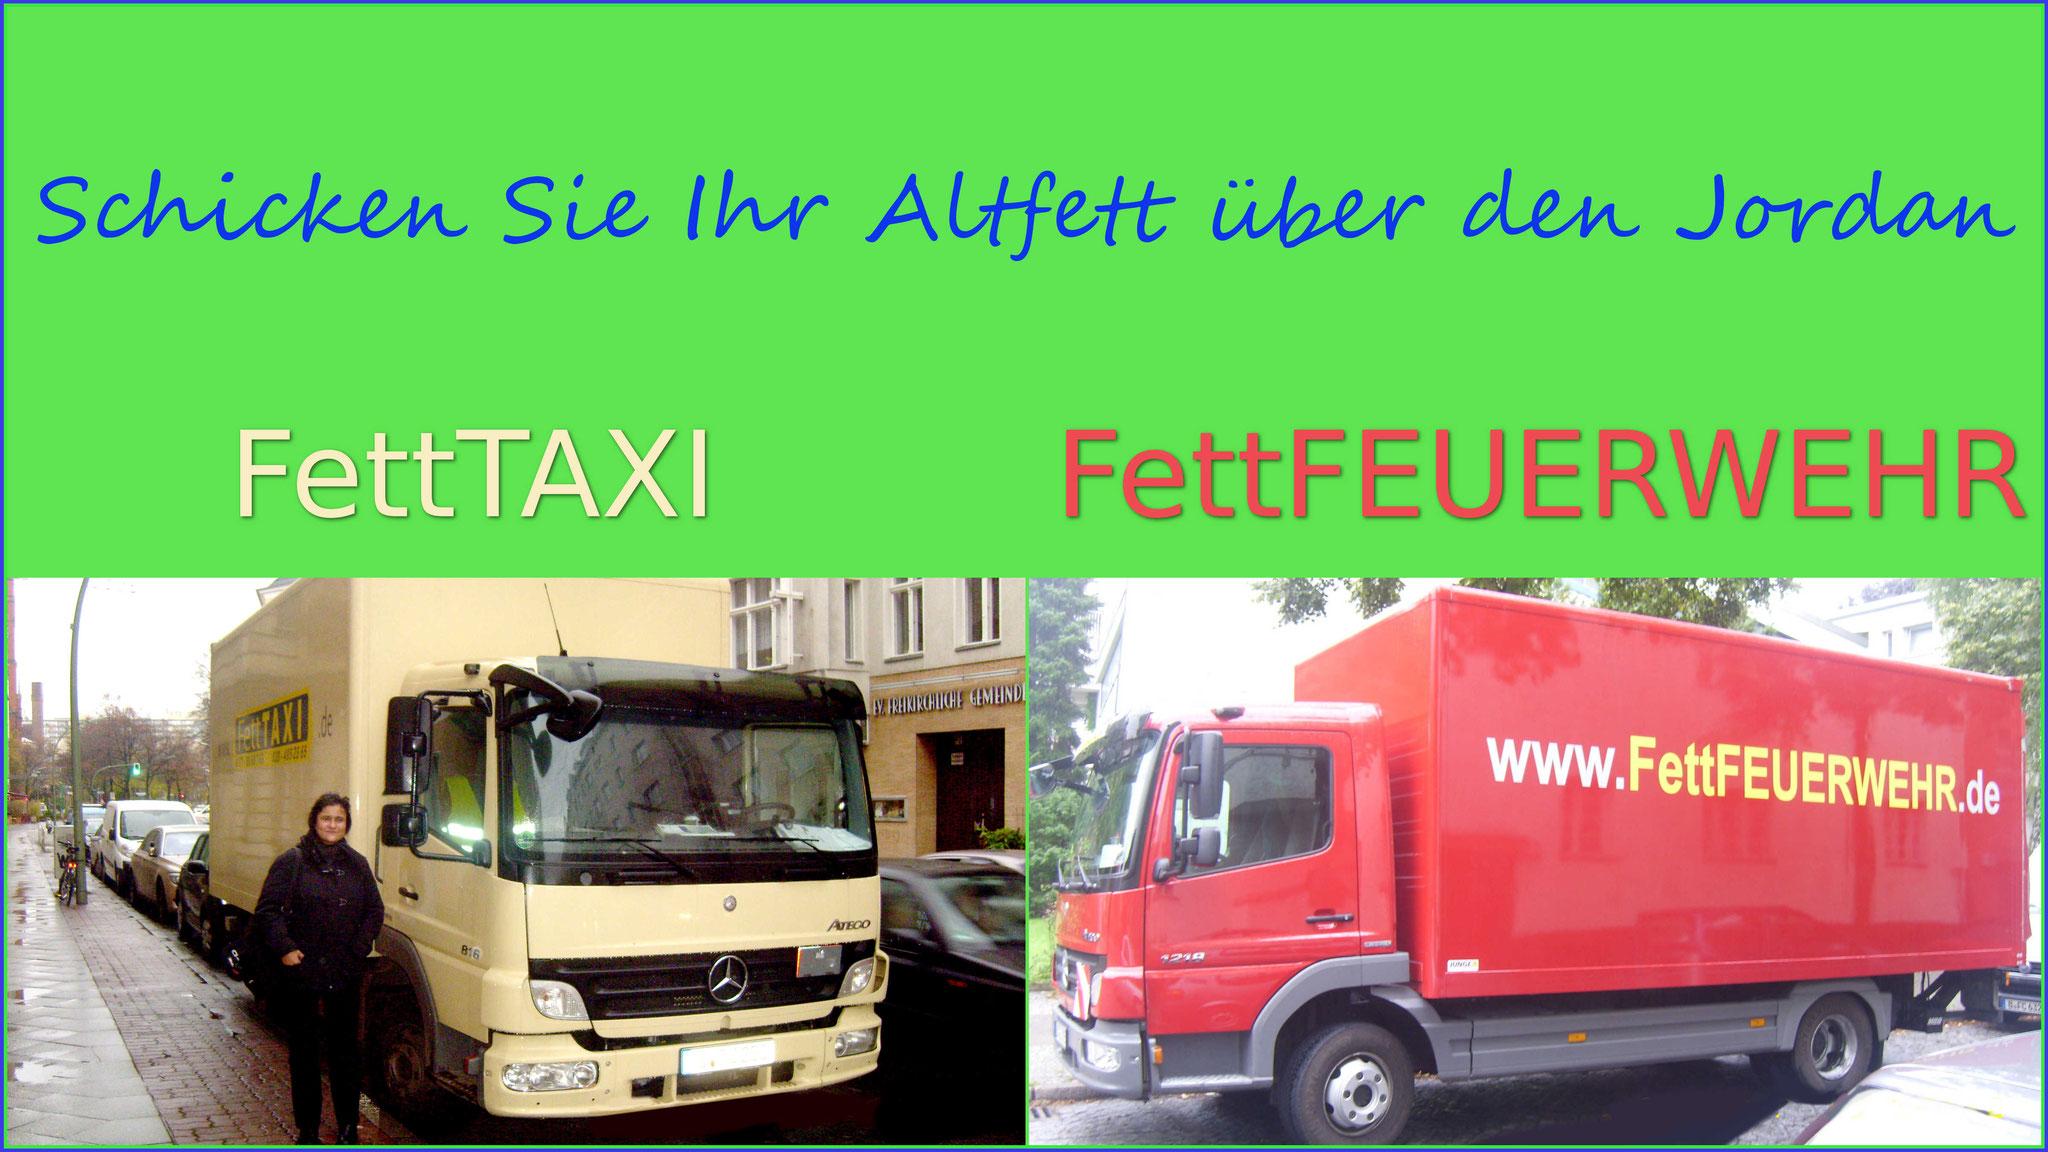 Altfettentsorgung Berlin Speisefettentsorgung Aus Berlin